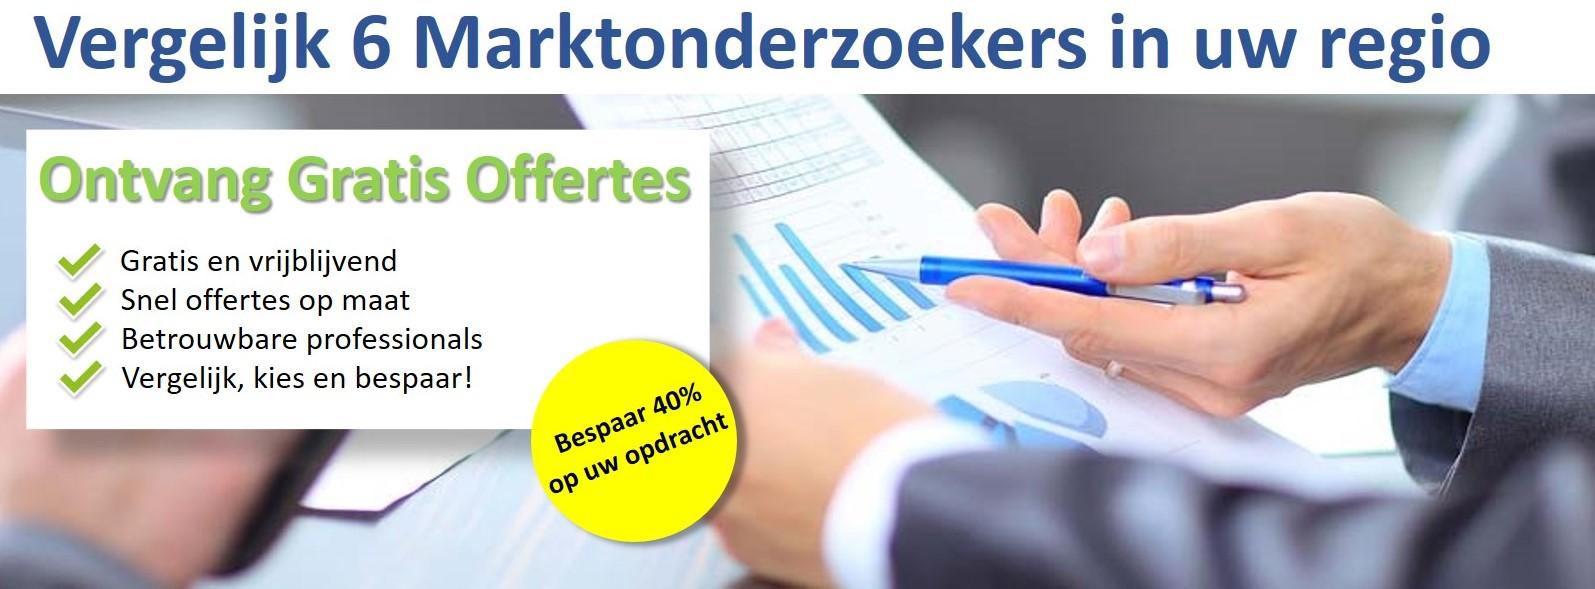 marktonderzoekers banner